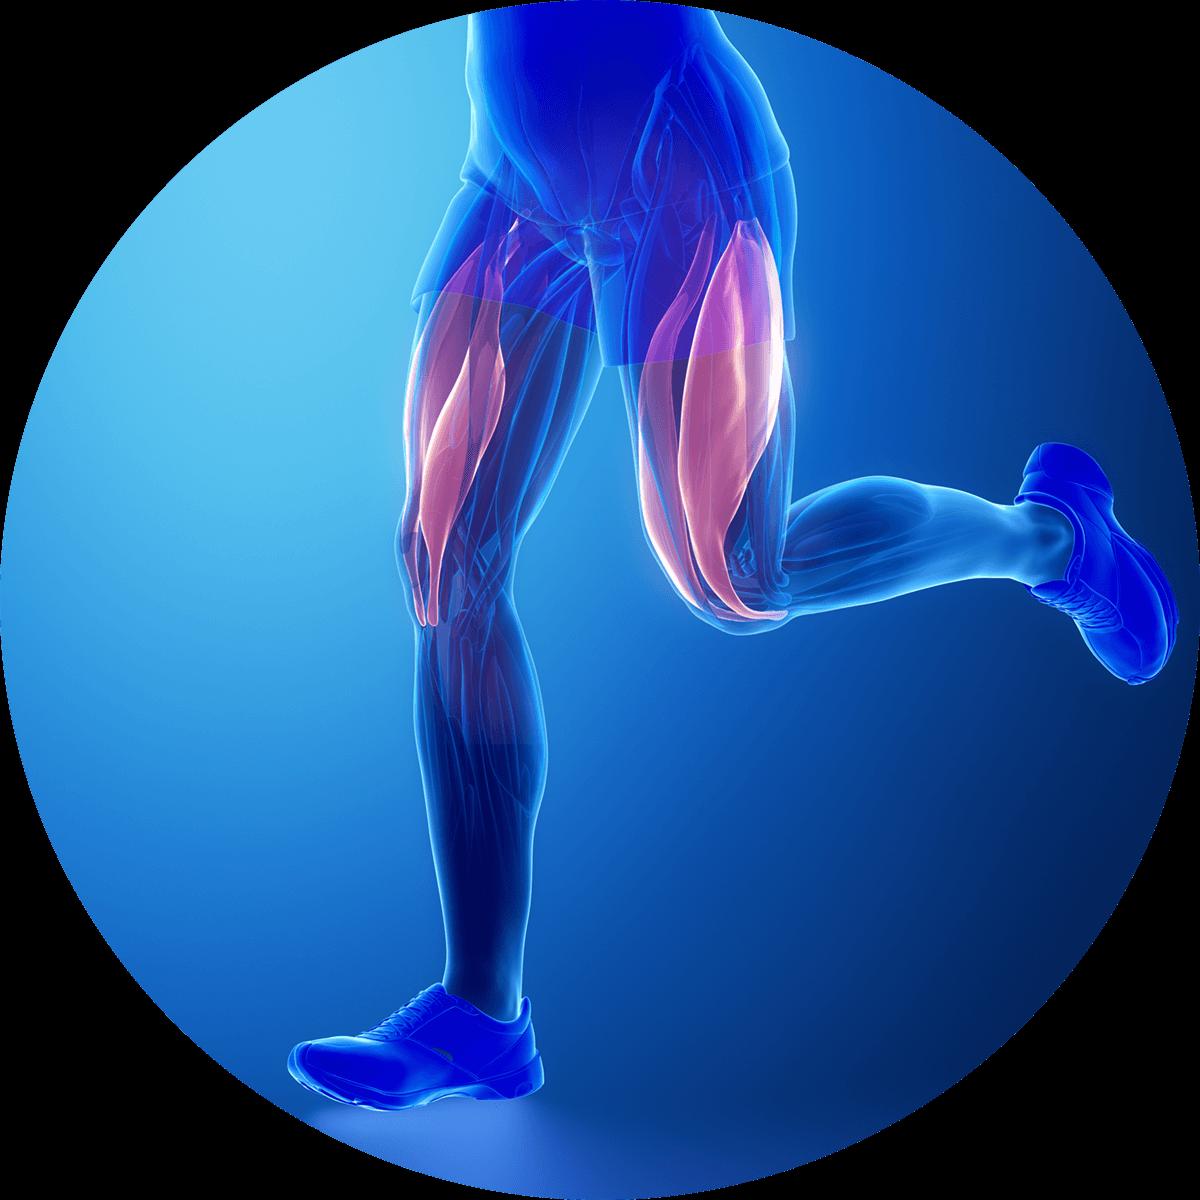 Przewlekły ból mięśni